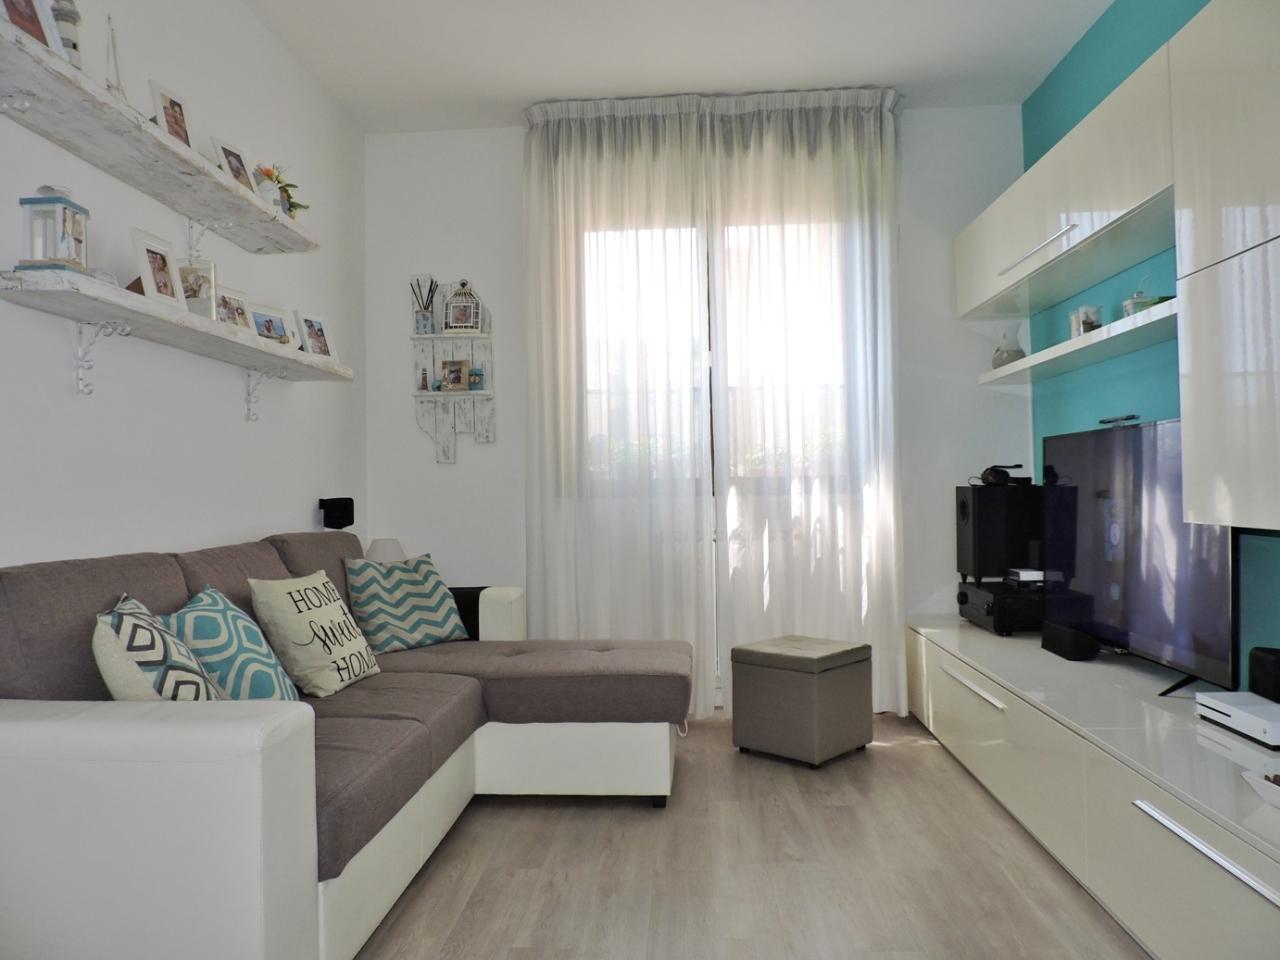 Appartamento in vendita a Santo Stefano di Magra, 5 locali, prezzo € 180.000 | PortaleAgenzieImmobiliari.it